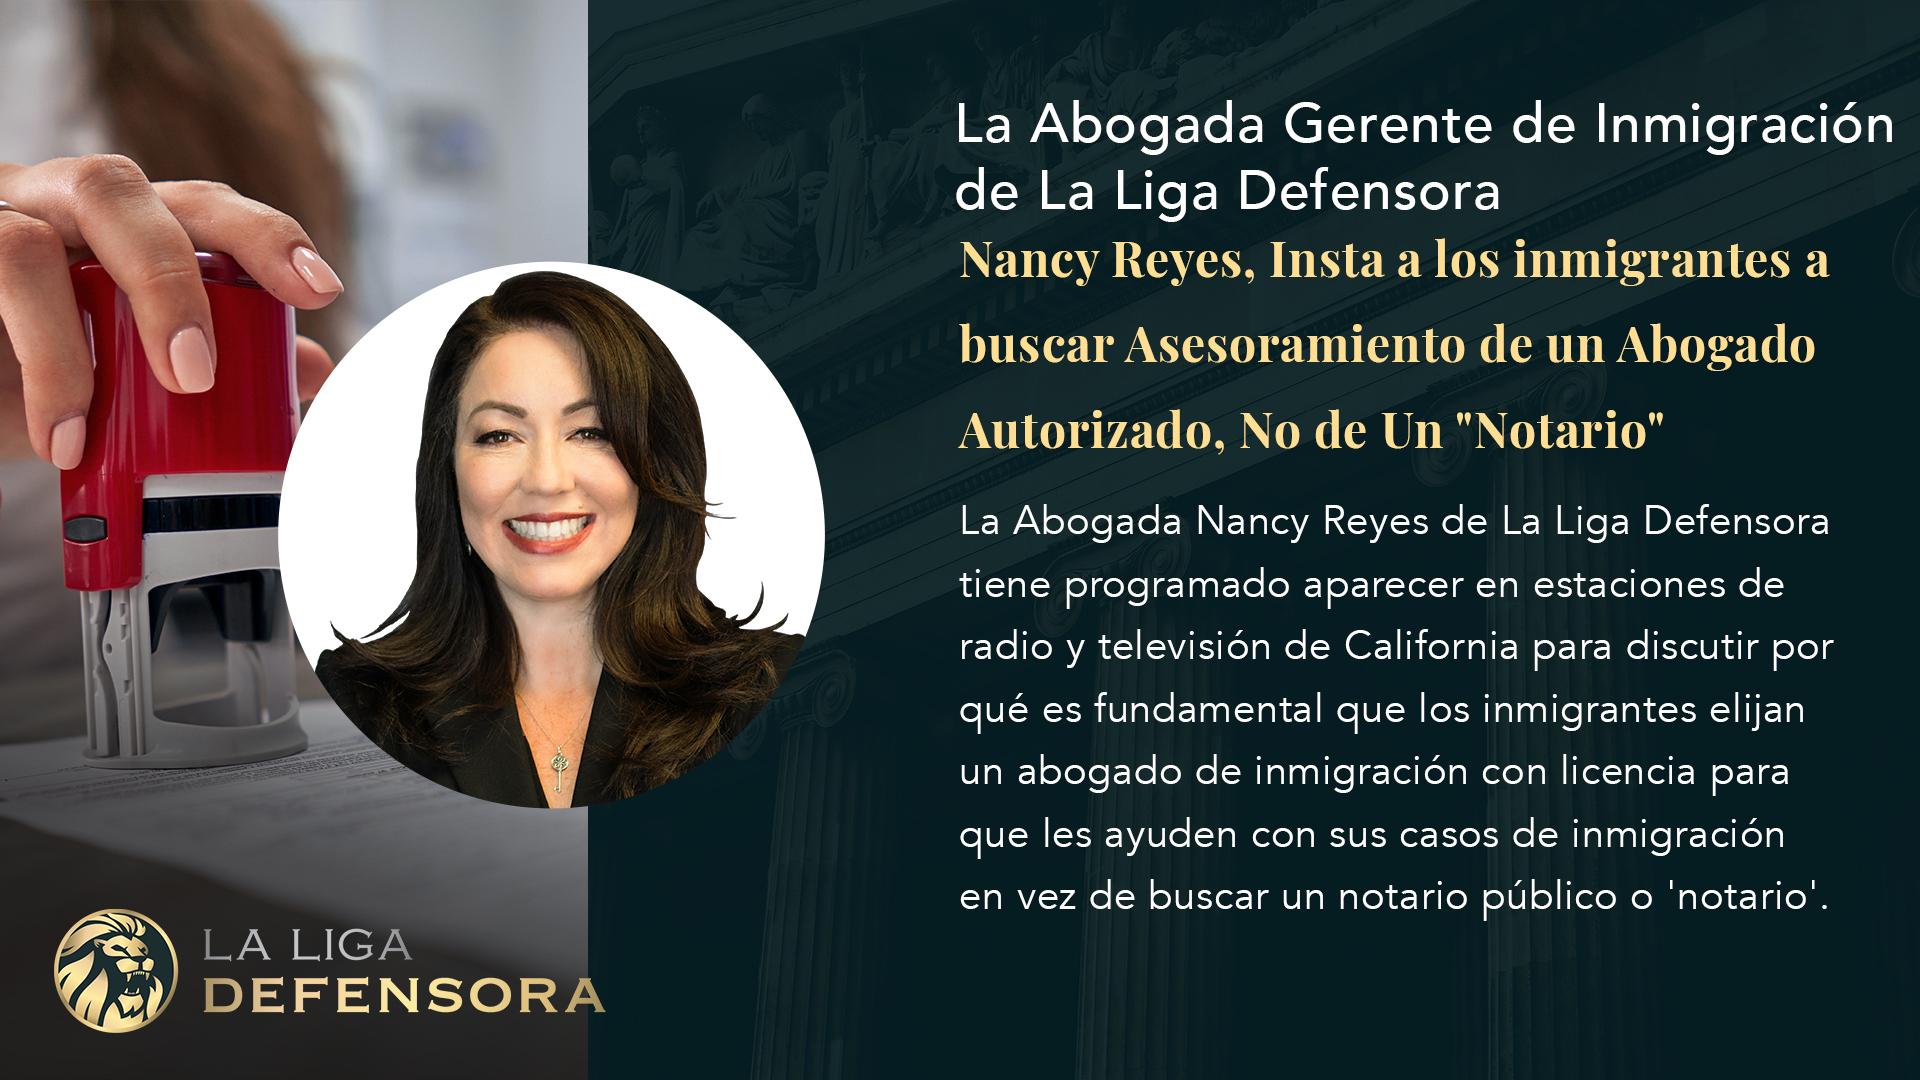 """La Abogada Gerente de Inmigración de La Liga Defensora, Nancy Reyes, Insta a los inmigrantes a buscar Asesoramiento de un Abogado Autorizado, No de Un """"Notario"""""""